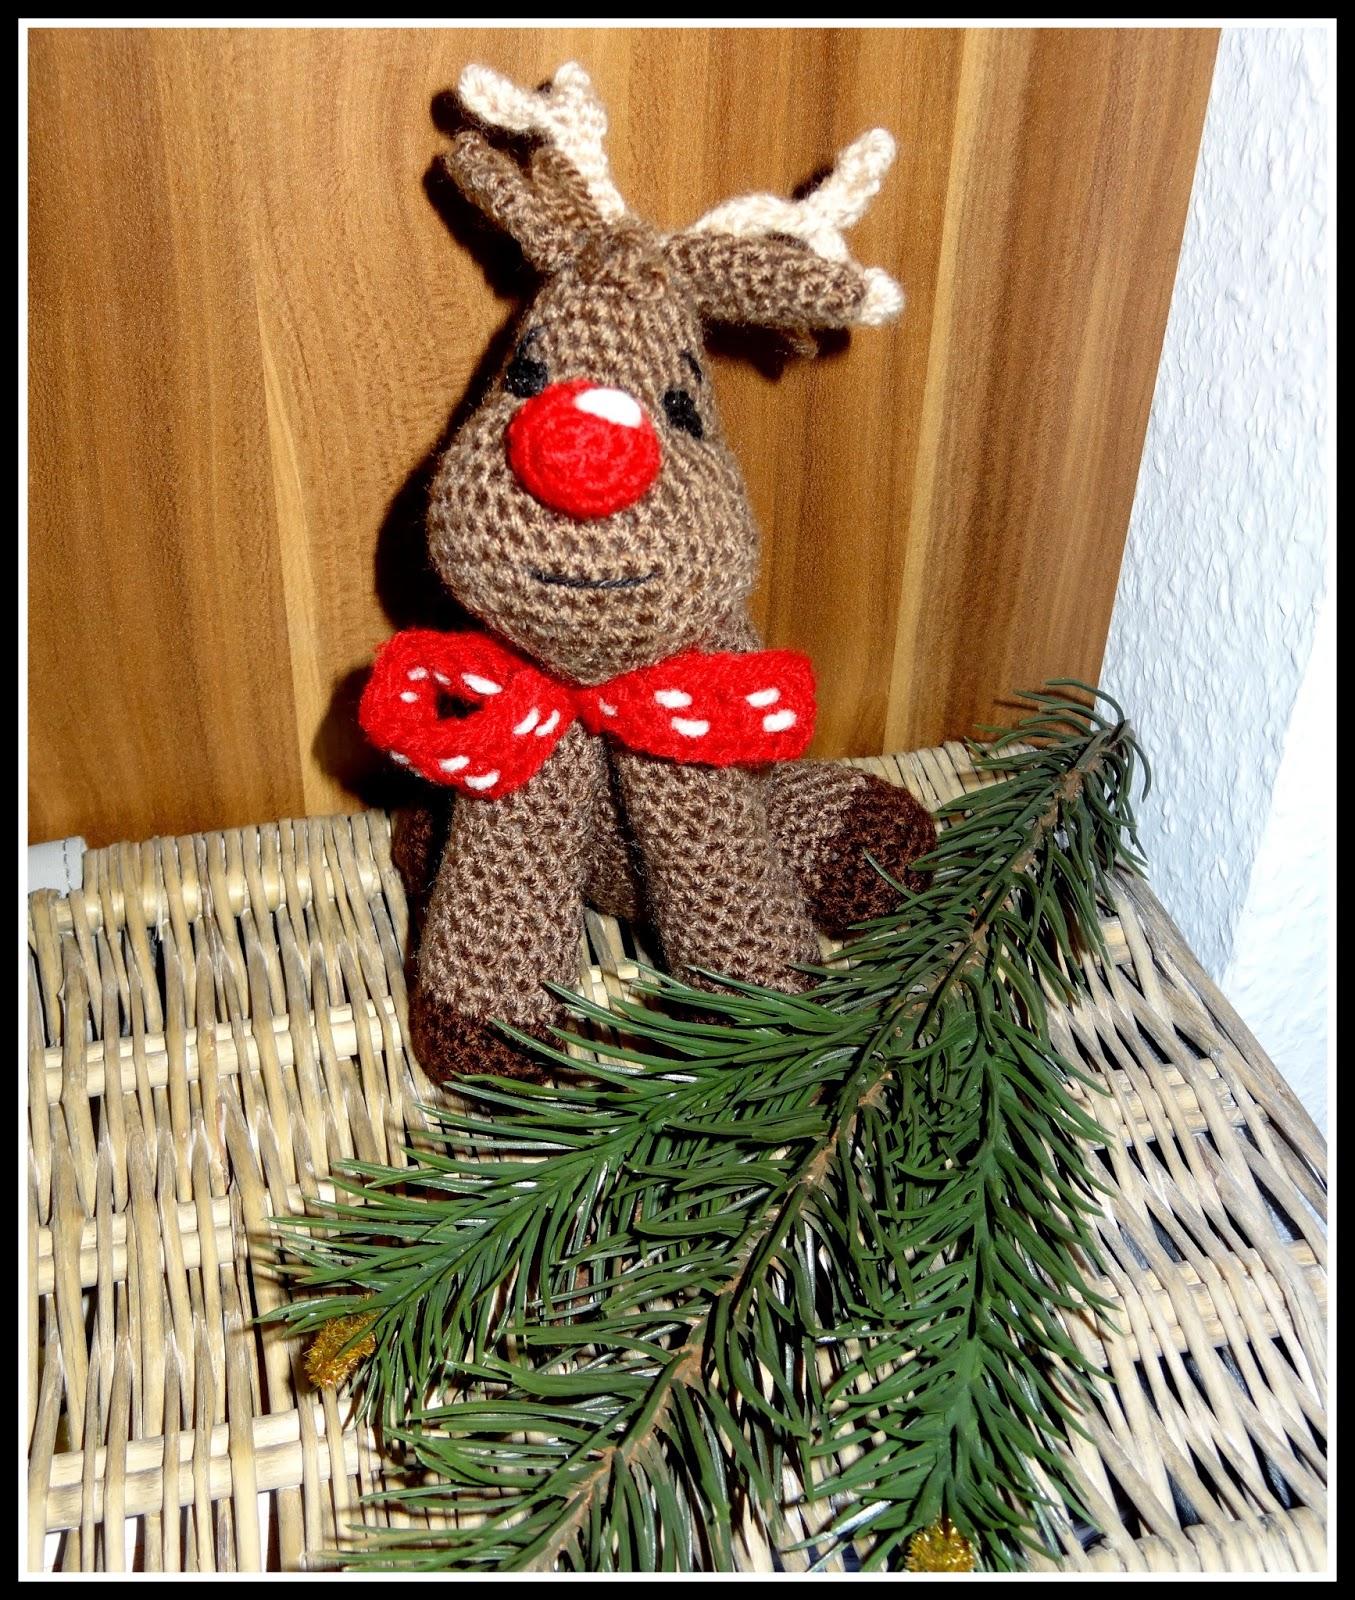 Amigurumi Weihnachten Häkeln Kostenlos Nora Kdesign